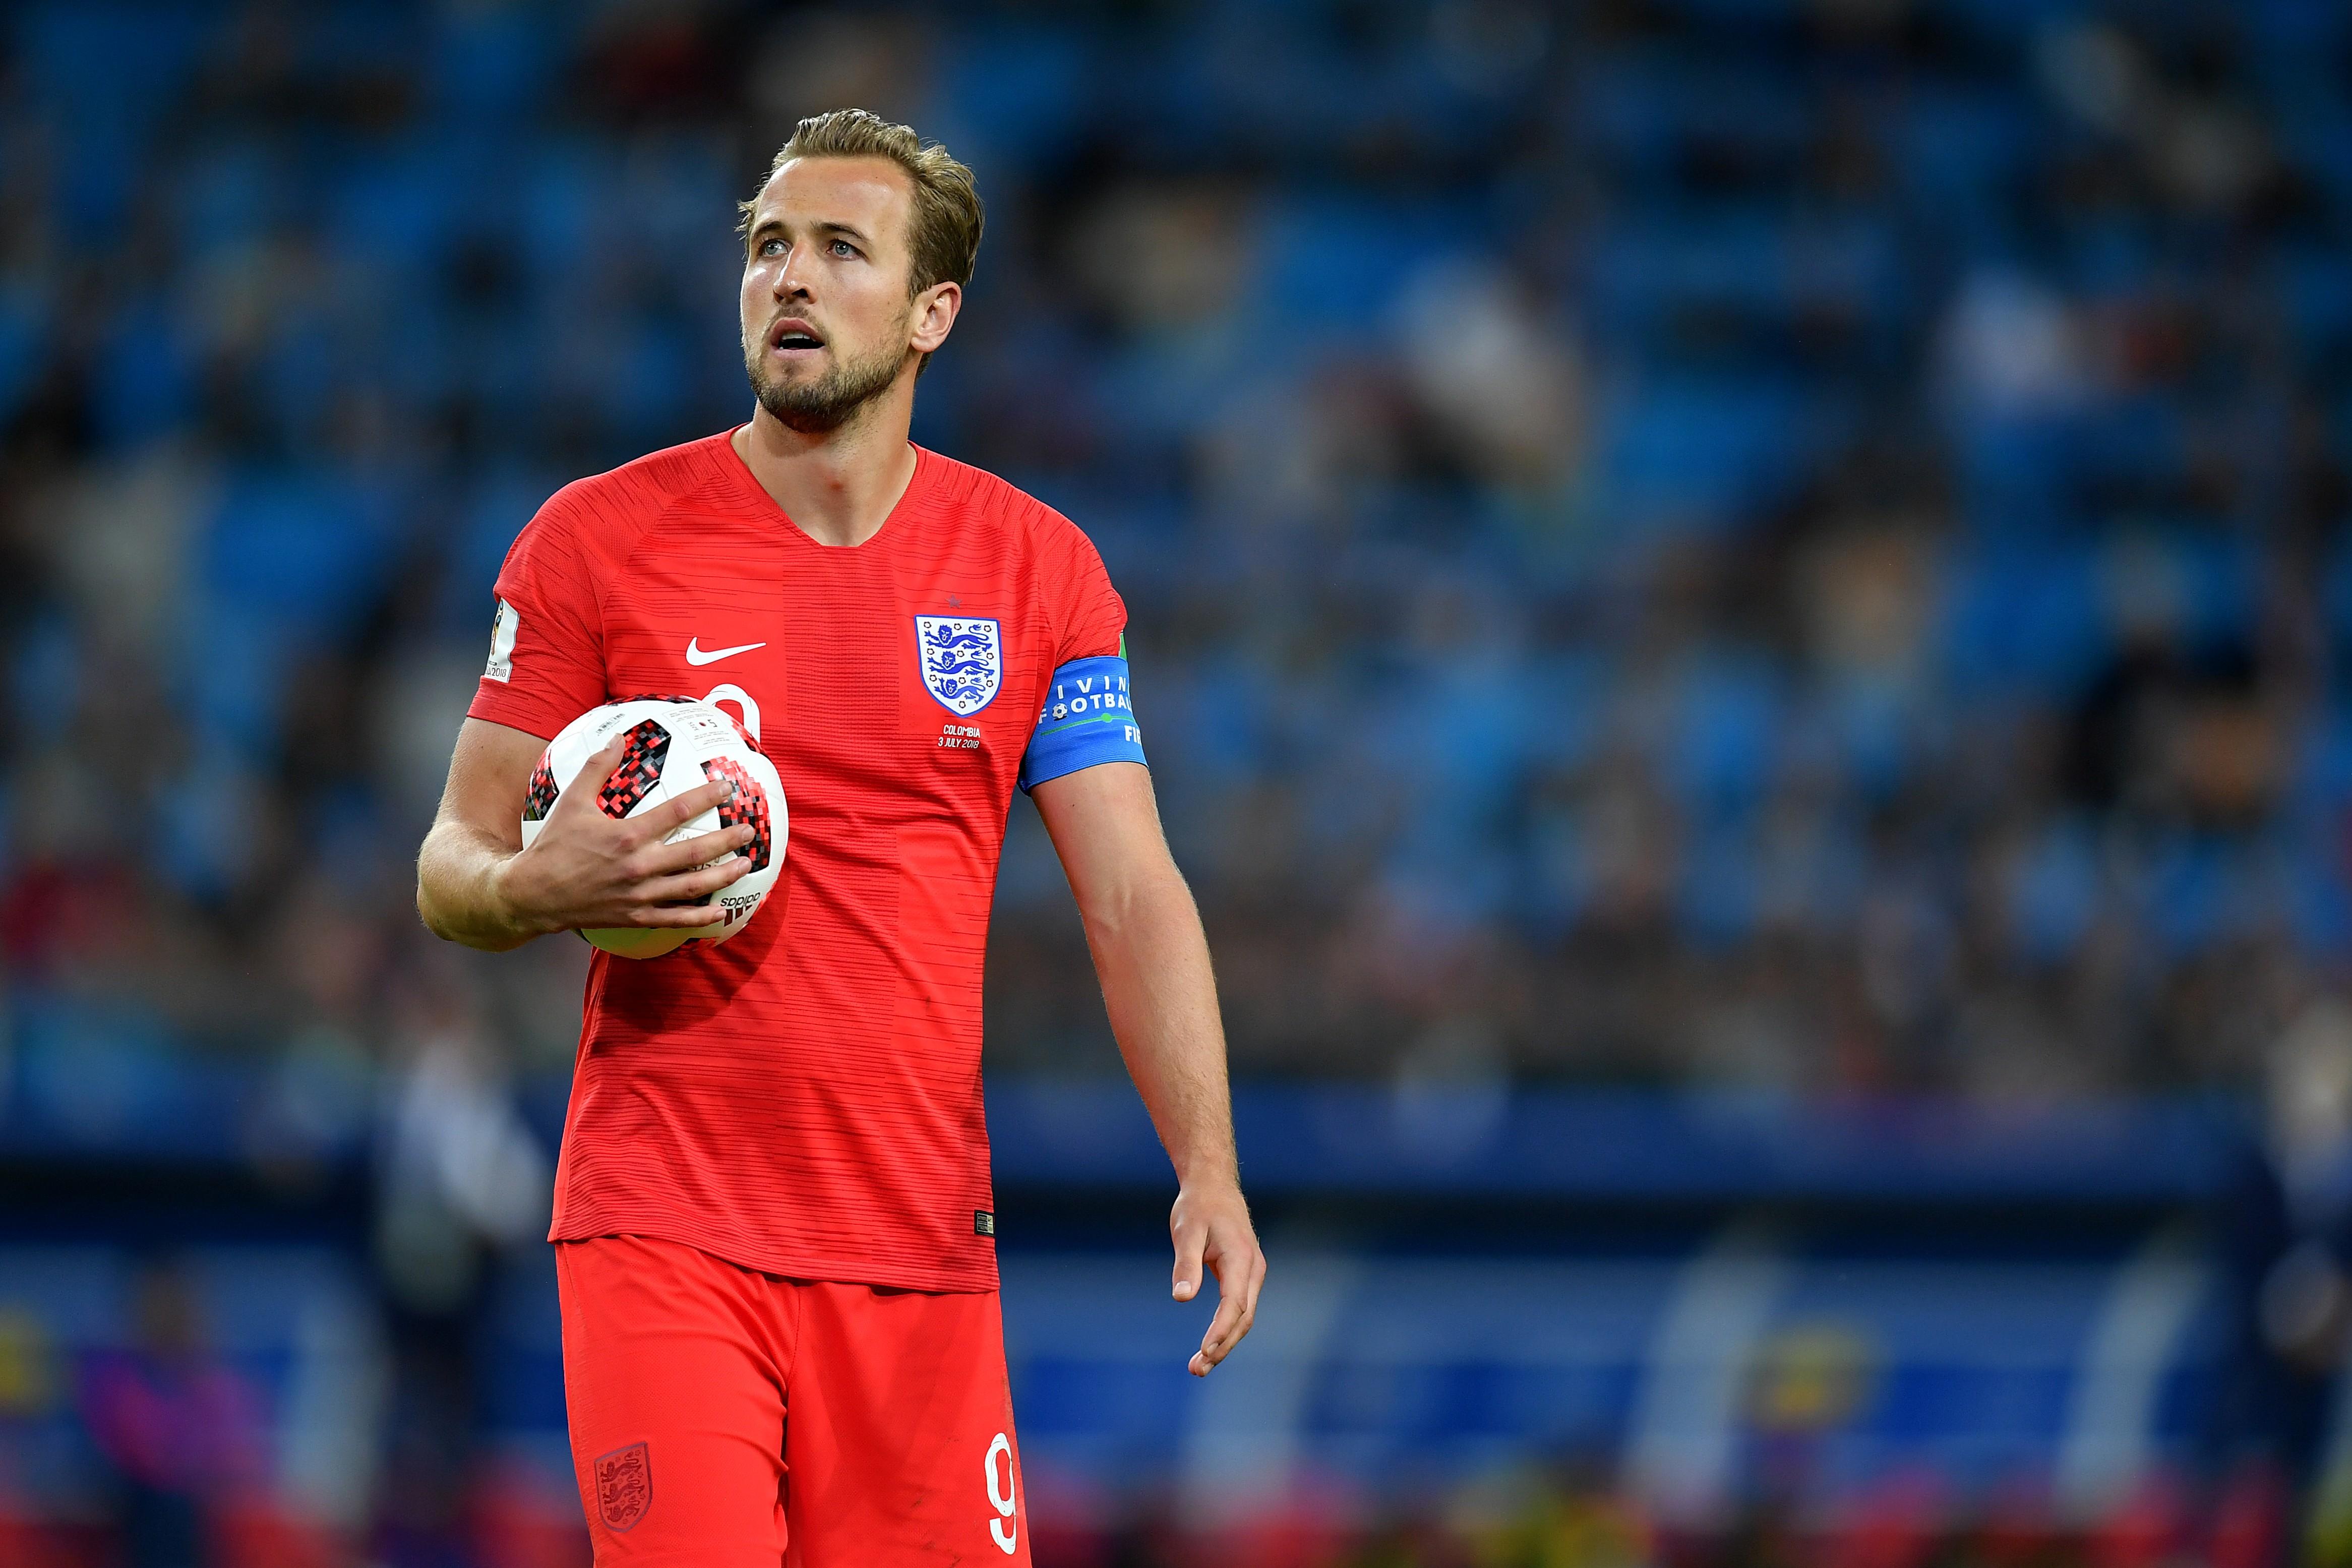 Harry Kane, estrela da seleção inglesa e, talvez, das notas de cinco libras (Foto: Getty Images/Dan Mullan)